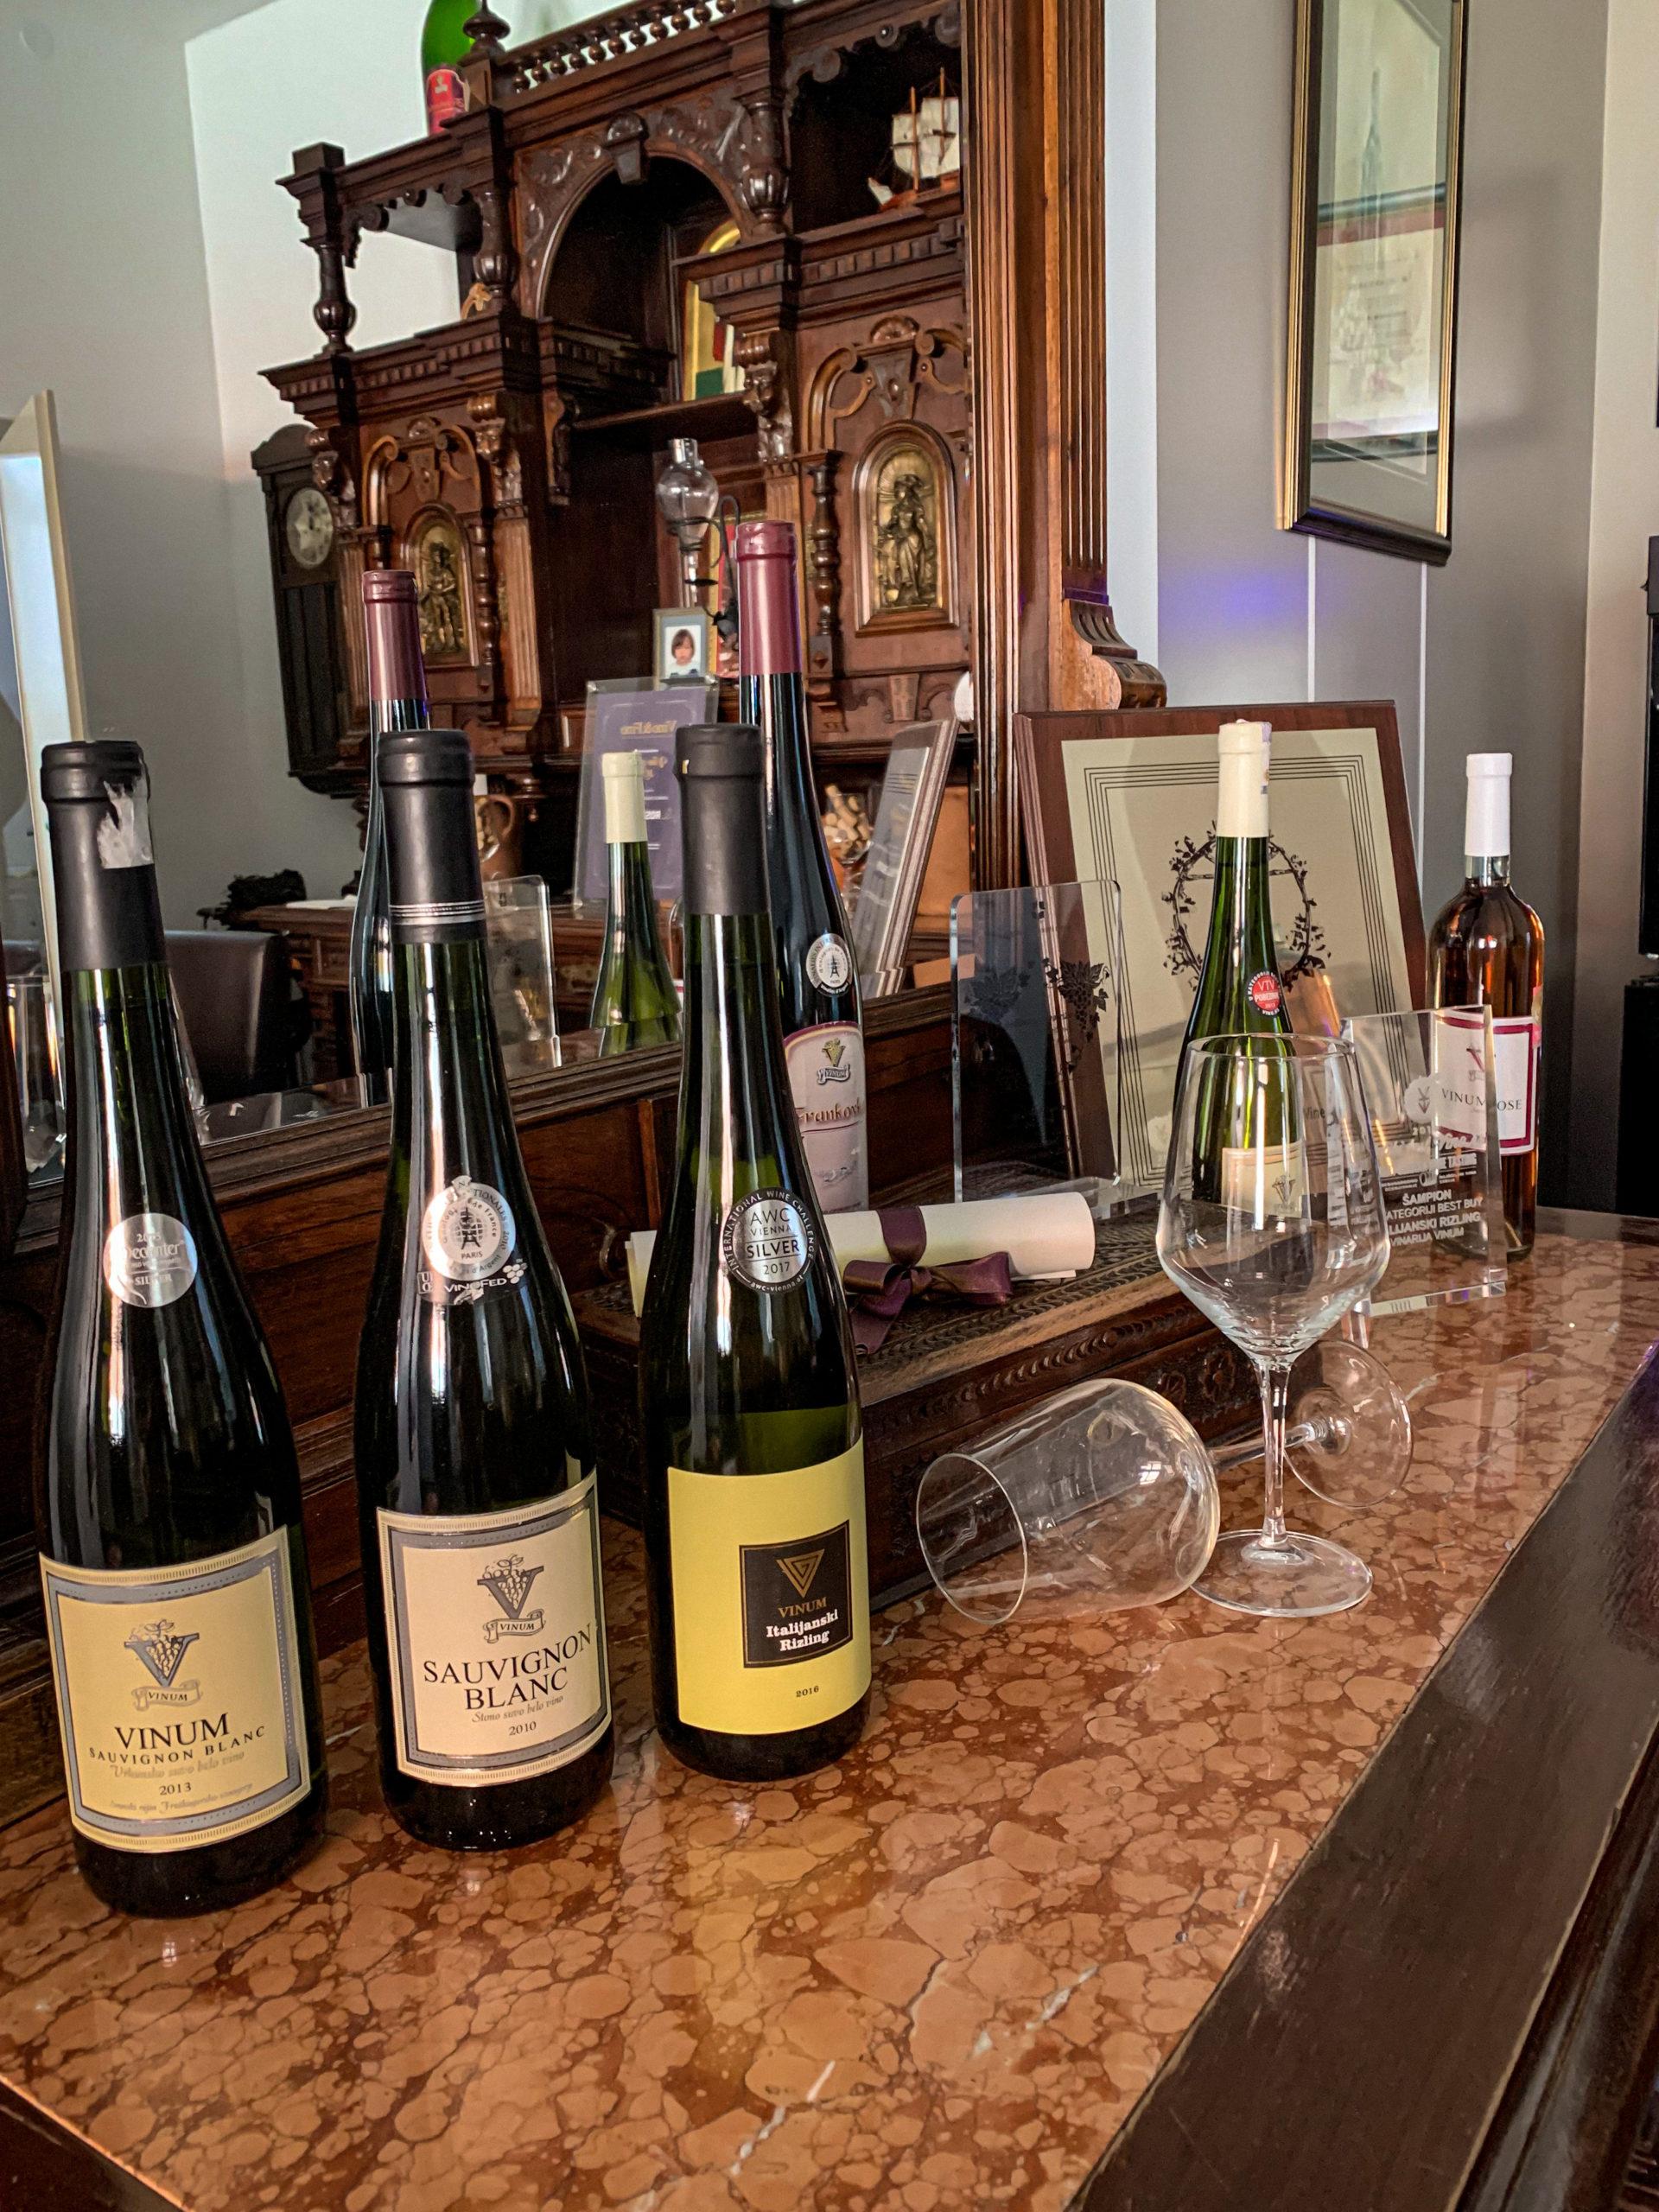 Vinum vinarija